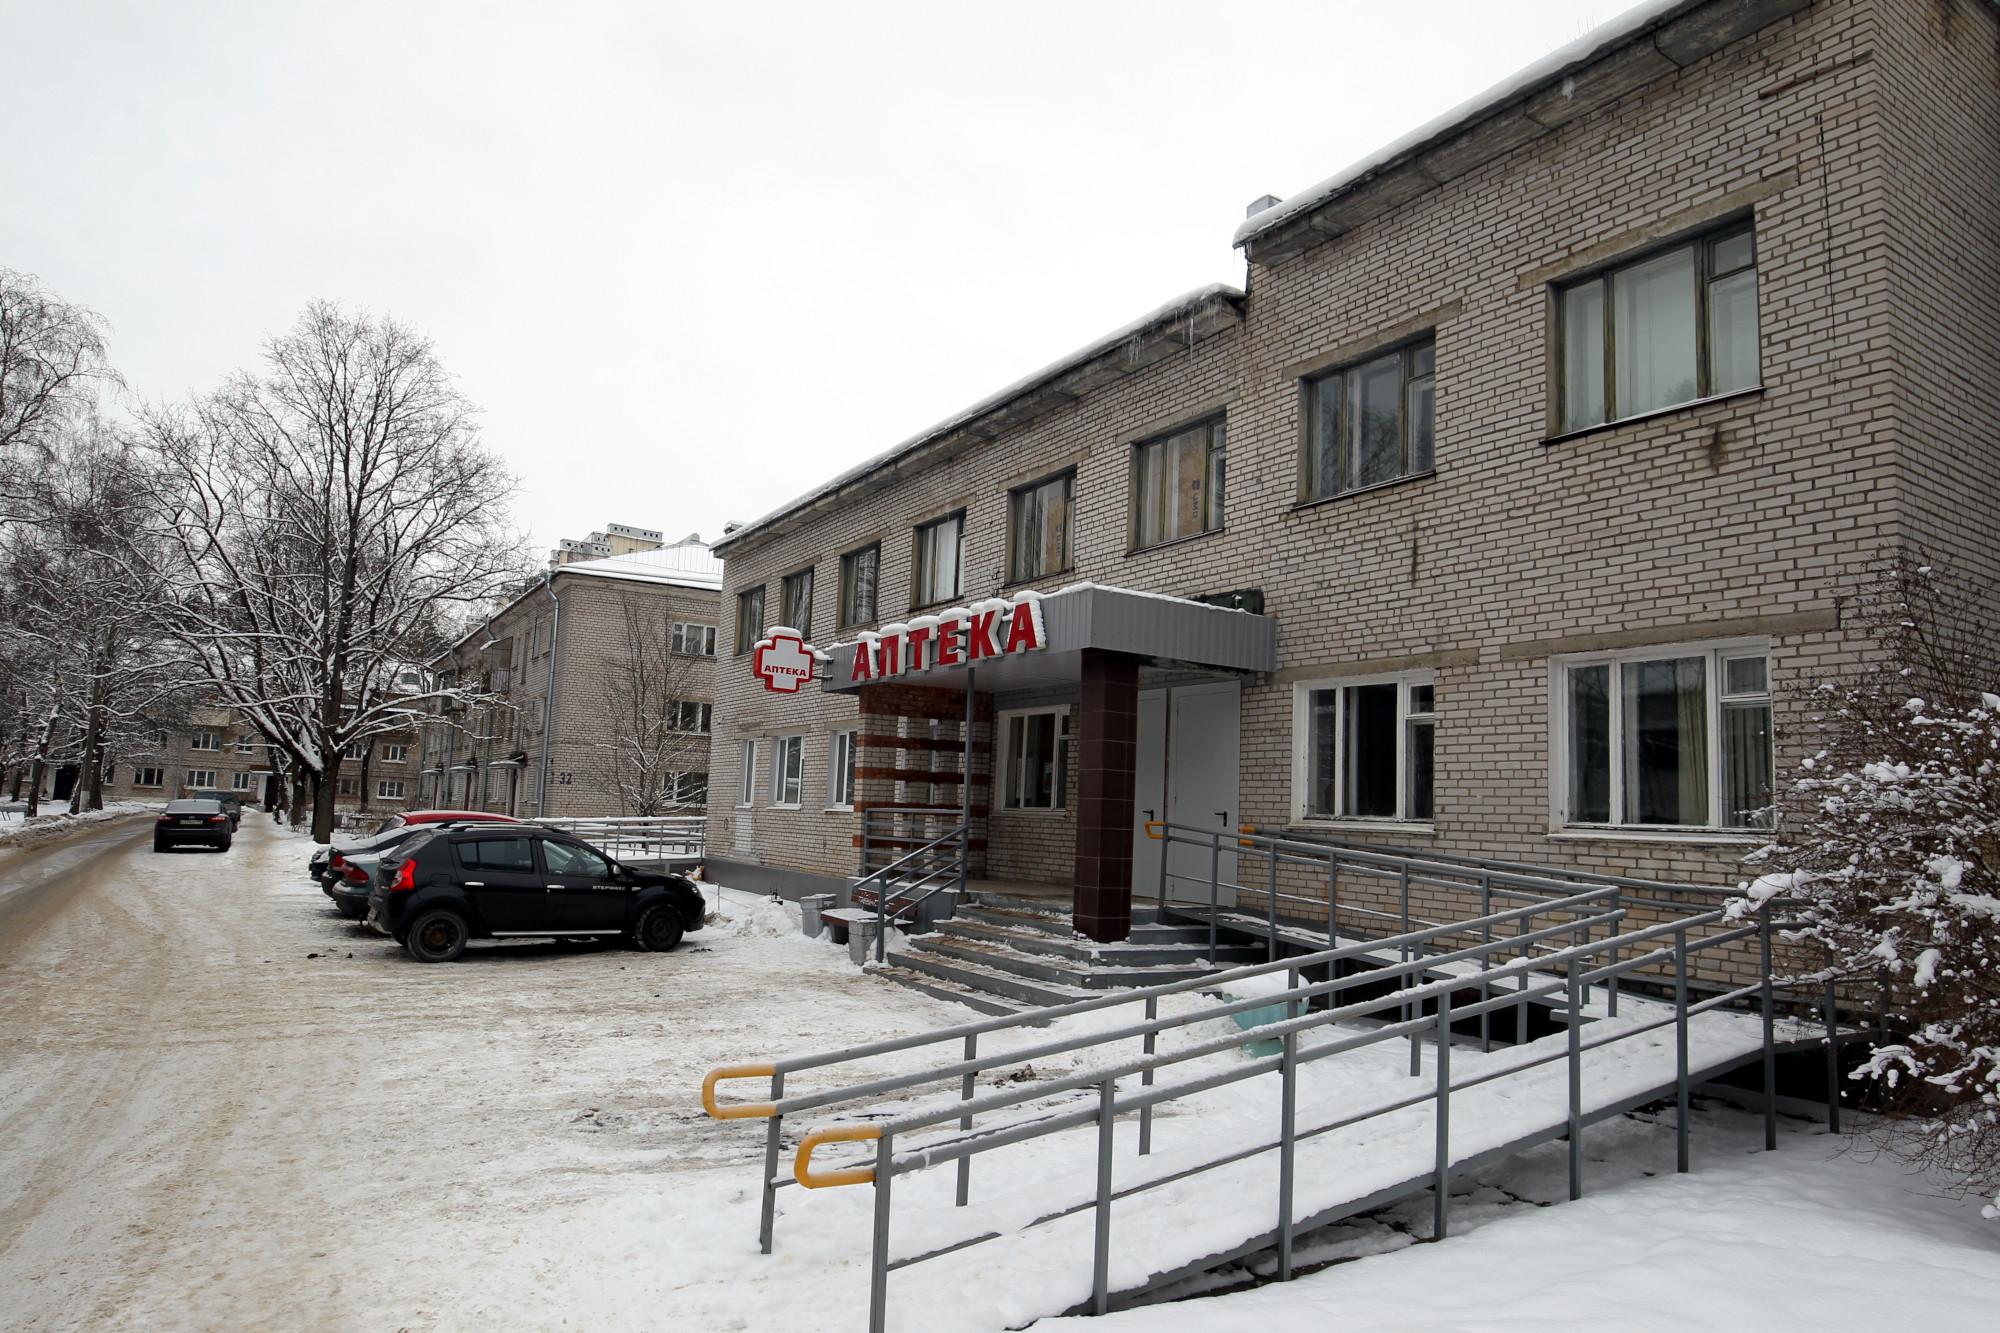 посёлок Хвойный, аптека